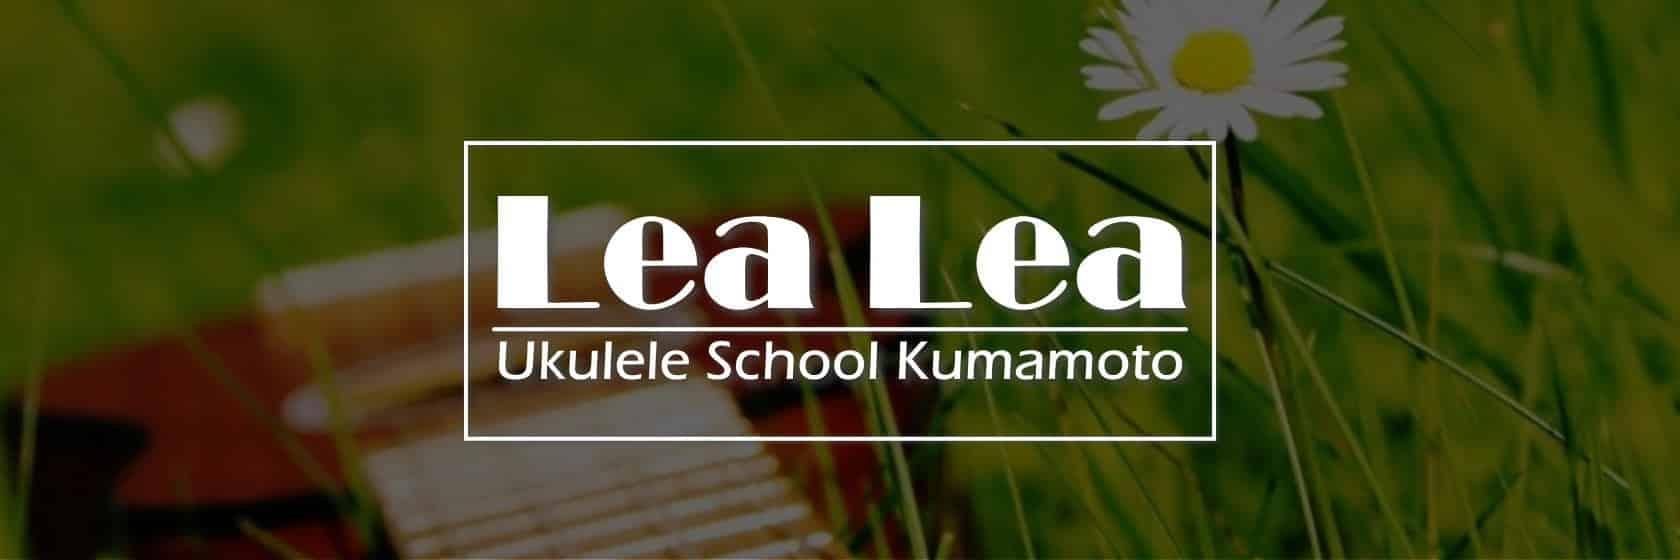 熊本 ウクレレ教室 レアレア